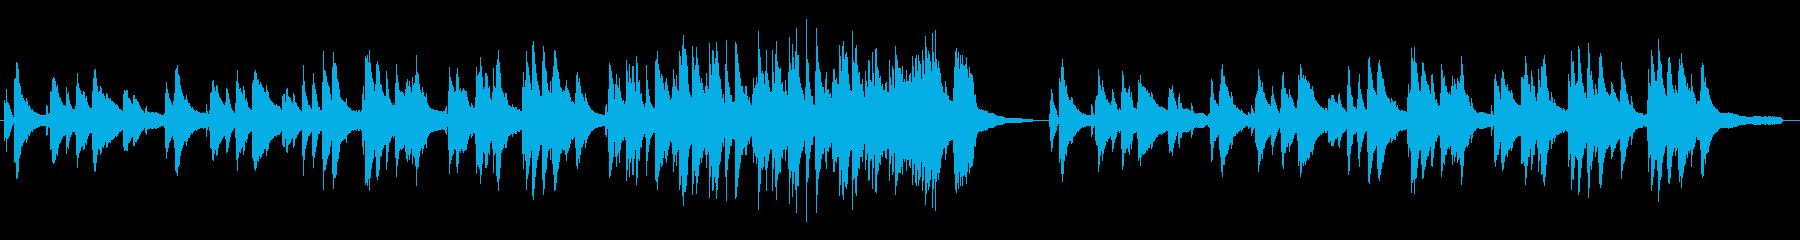 落ち着いたバーのピアノBGMの再生済みの波形